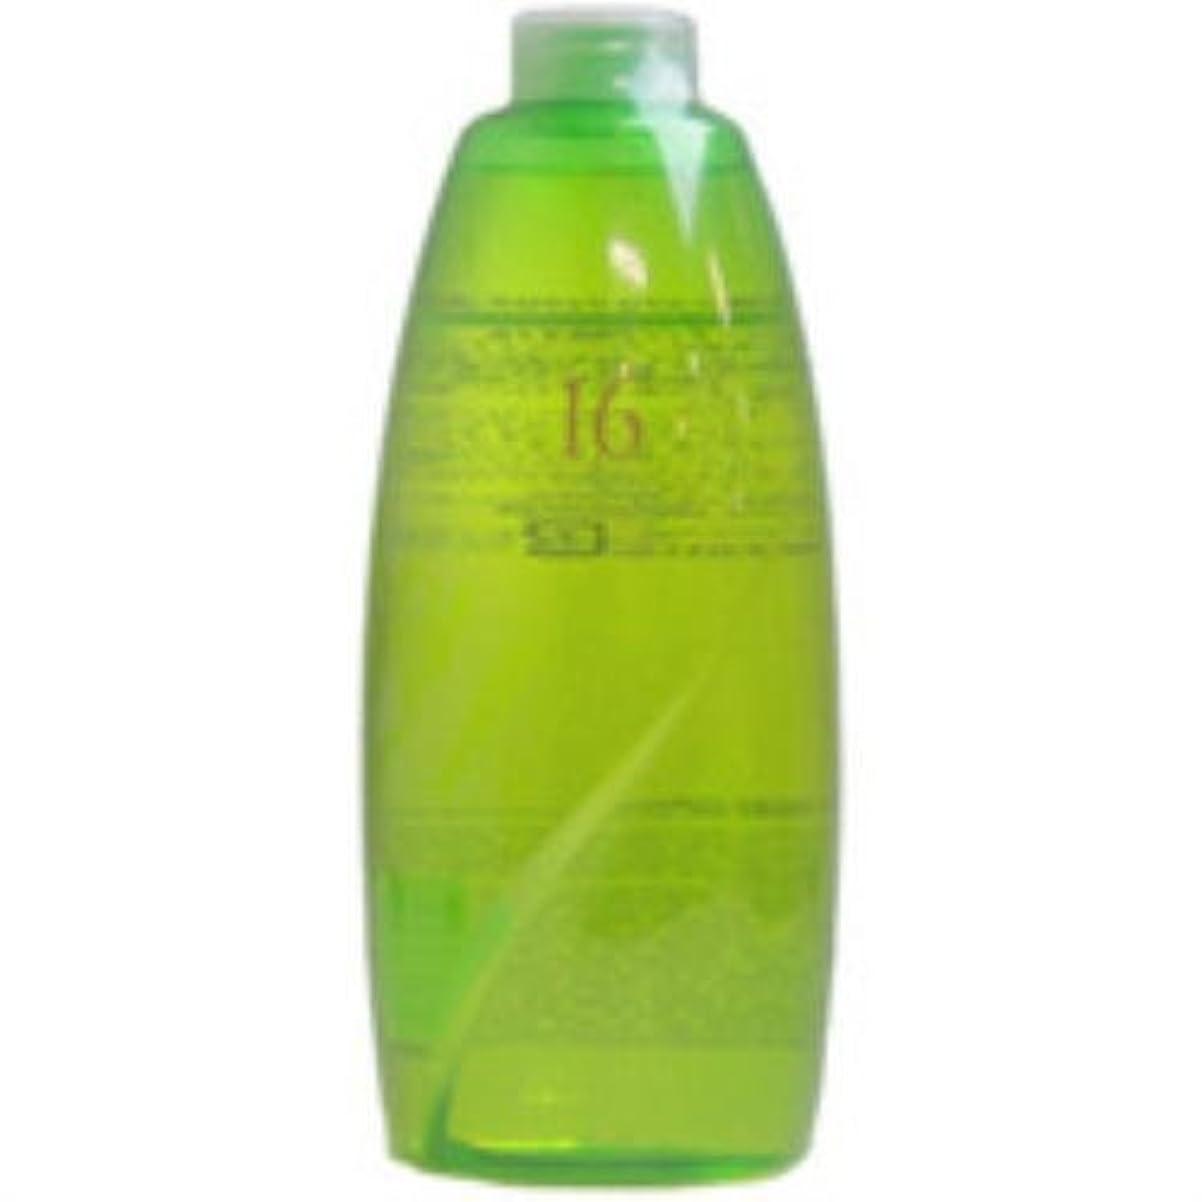 ランチョンロータリーコイルハホニコ 十六油 1000ml